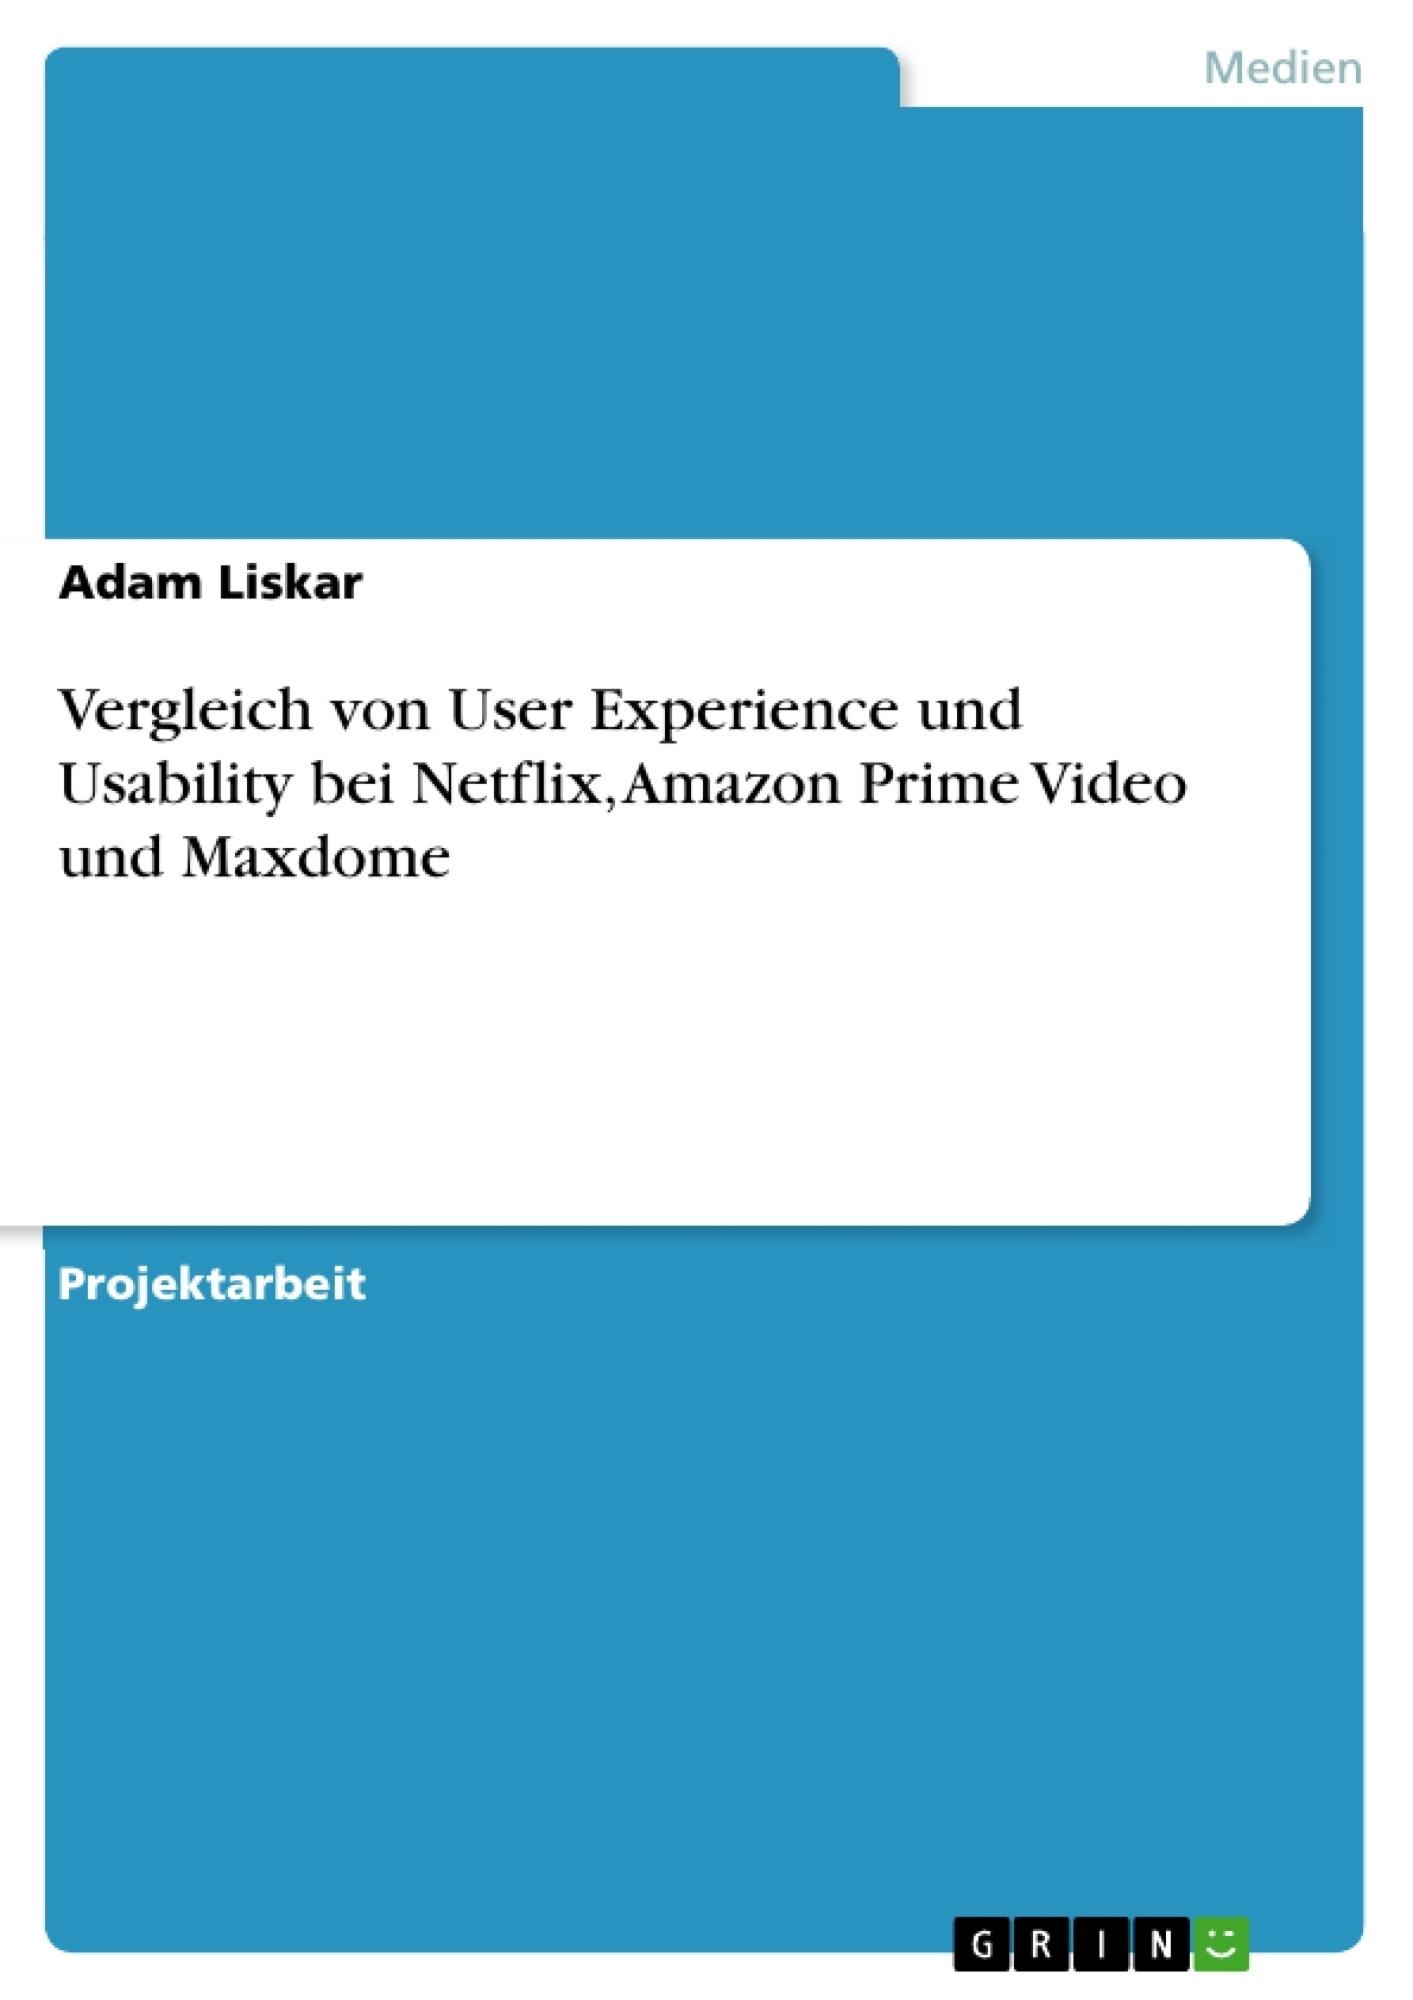 Titel: Vergleich von User Experience und Usability bei Netflix, Amazon Prime Video und Maxdome